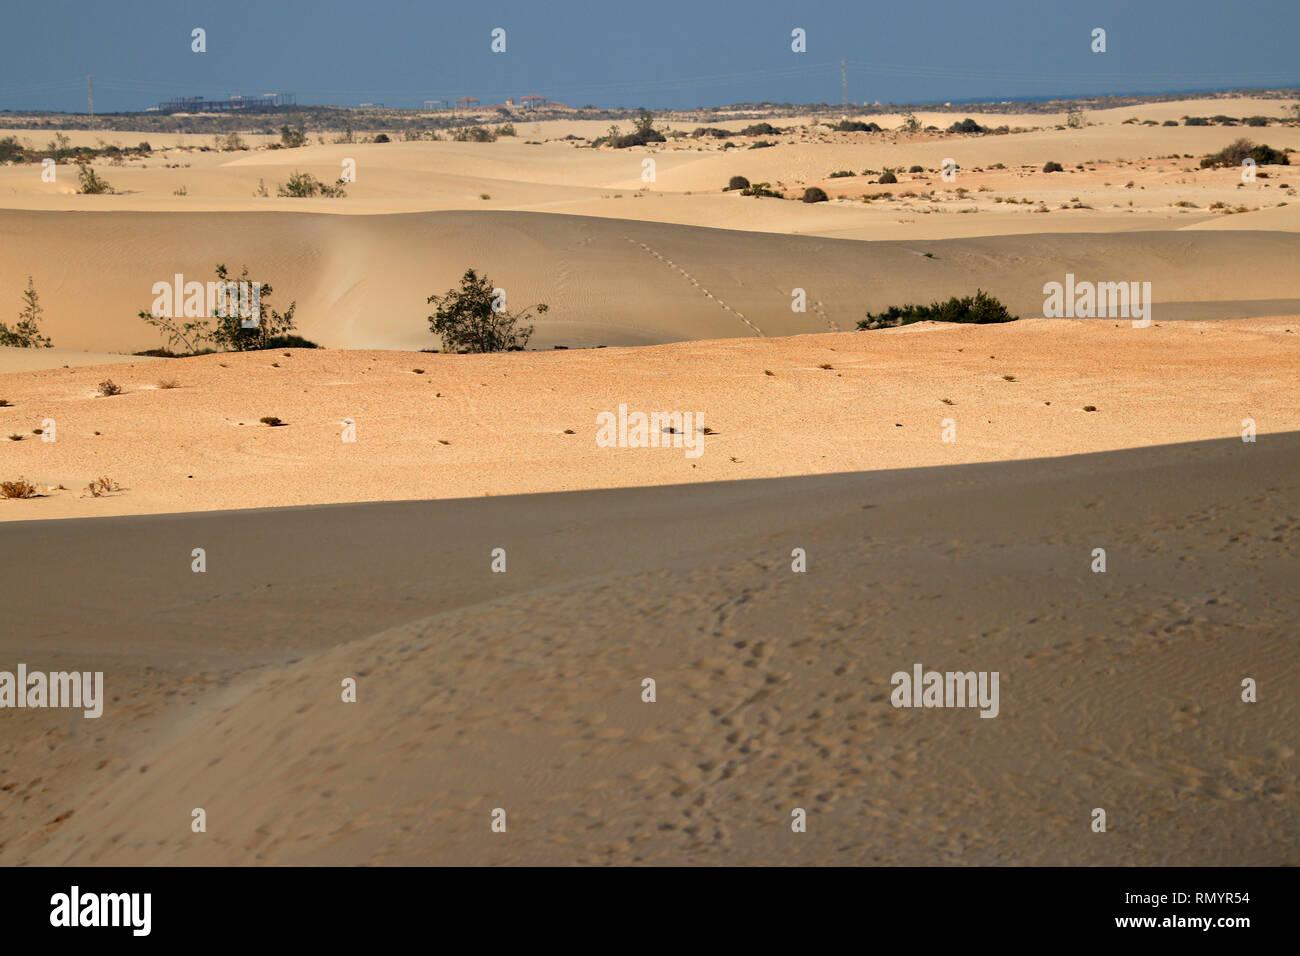 Impressionen: Sandduenen von Corralejo, Fuerteventura, Kanarische Inseln, Spanien/ sand dunes of Corralejo,Fuerteventura, Canary Islands, Spain. - Stock Image